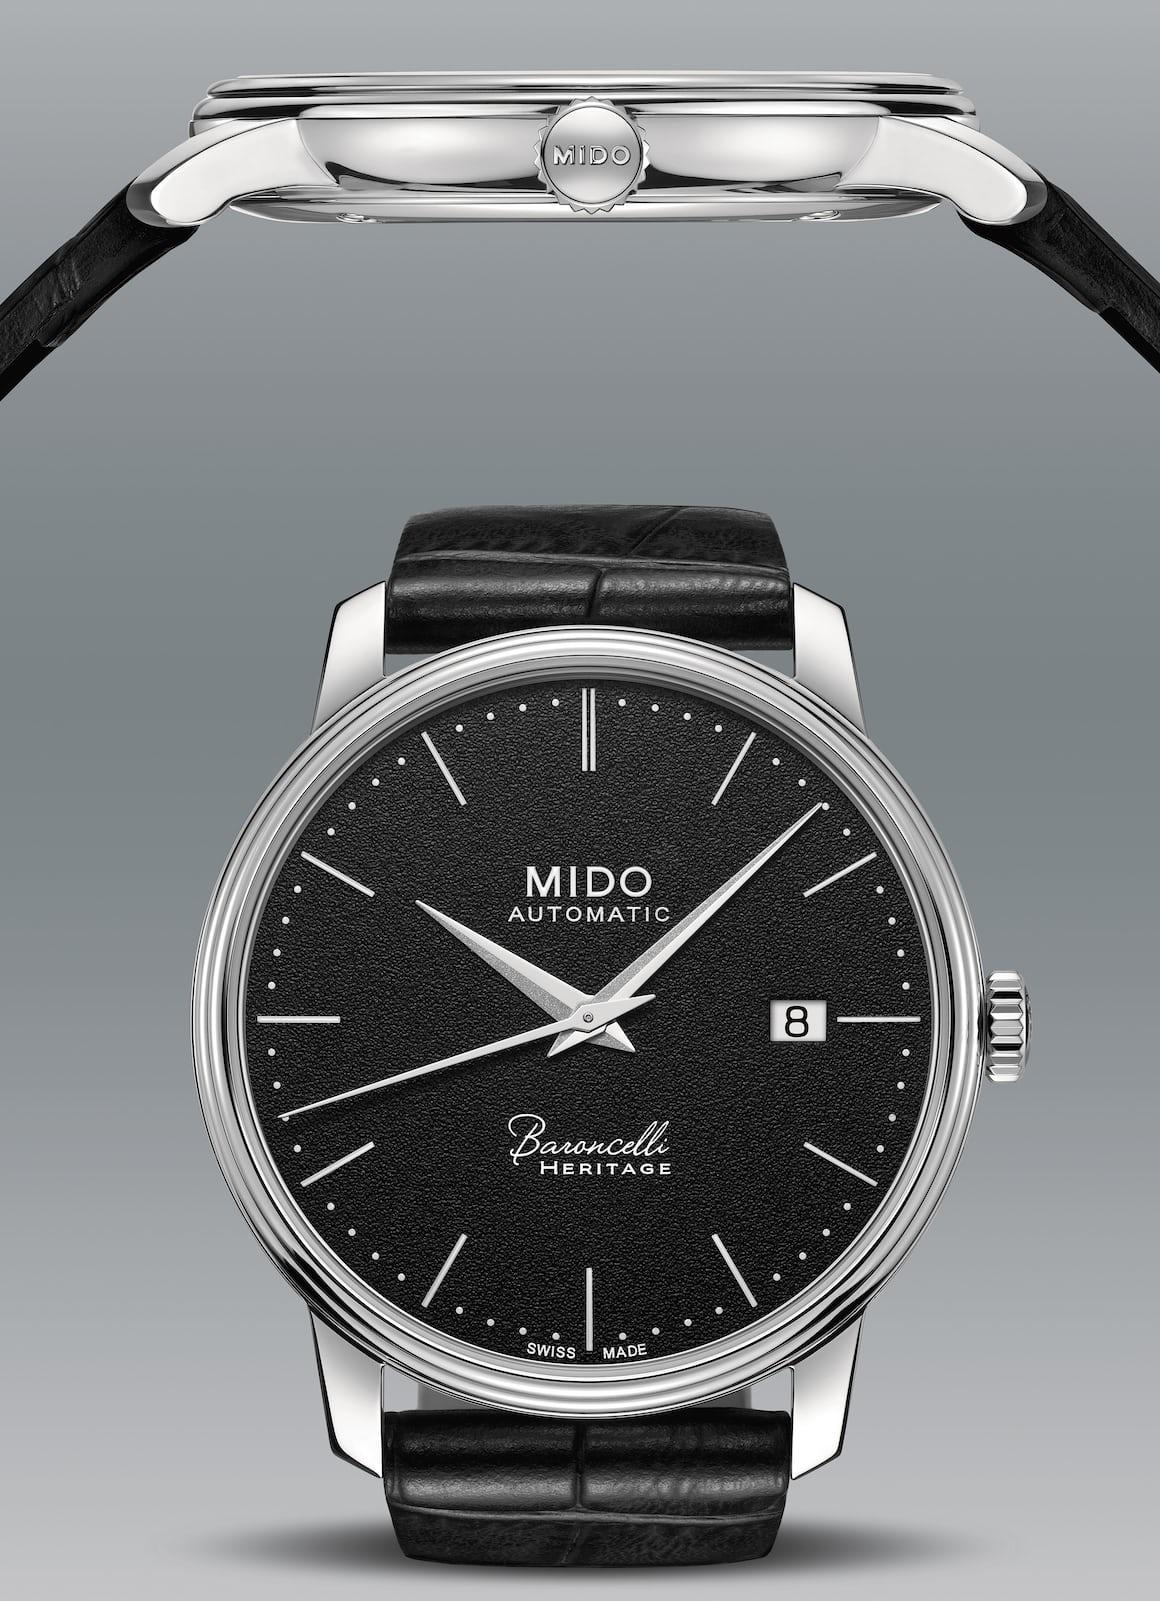 Mido - Le club des heureux propriétaires de Mido - Page 2 Crop_3.jpg?ixlib=rails-1.1